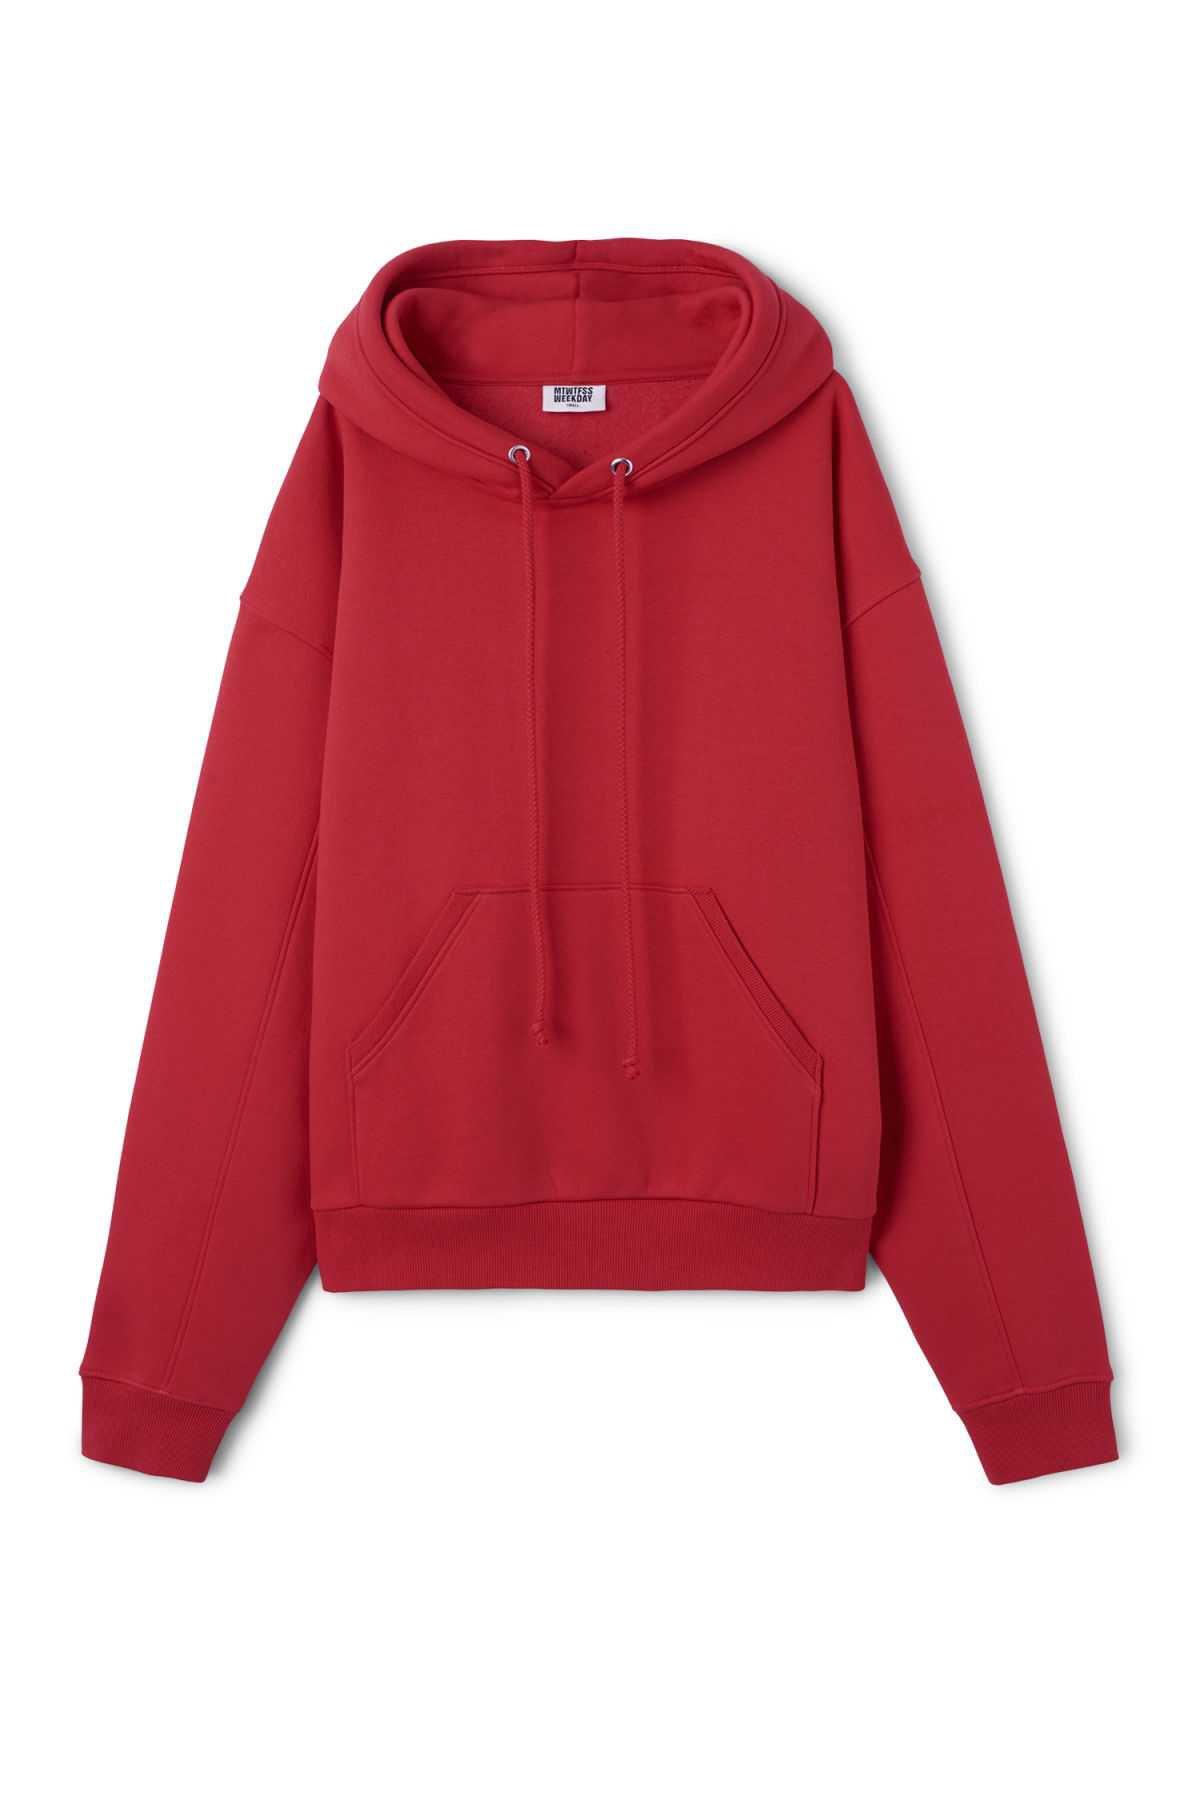 Ailin Hooded Sweatshirt - Light Red - Hoodies & sweatshirts - Weekday GB